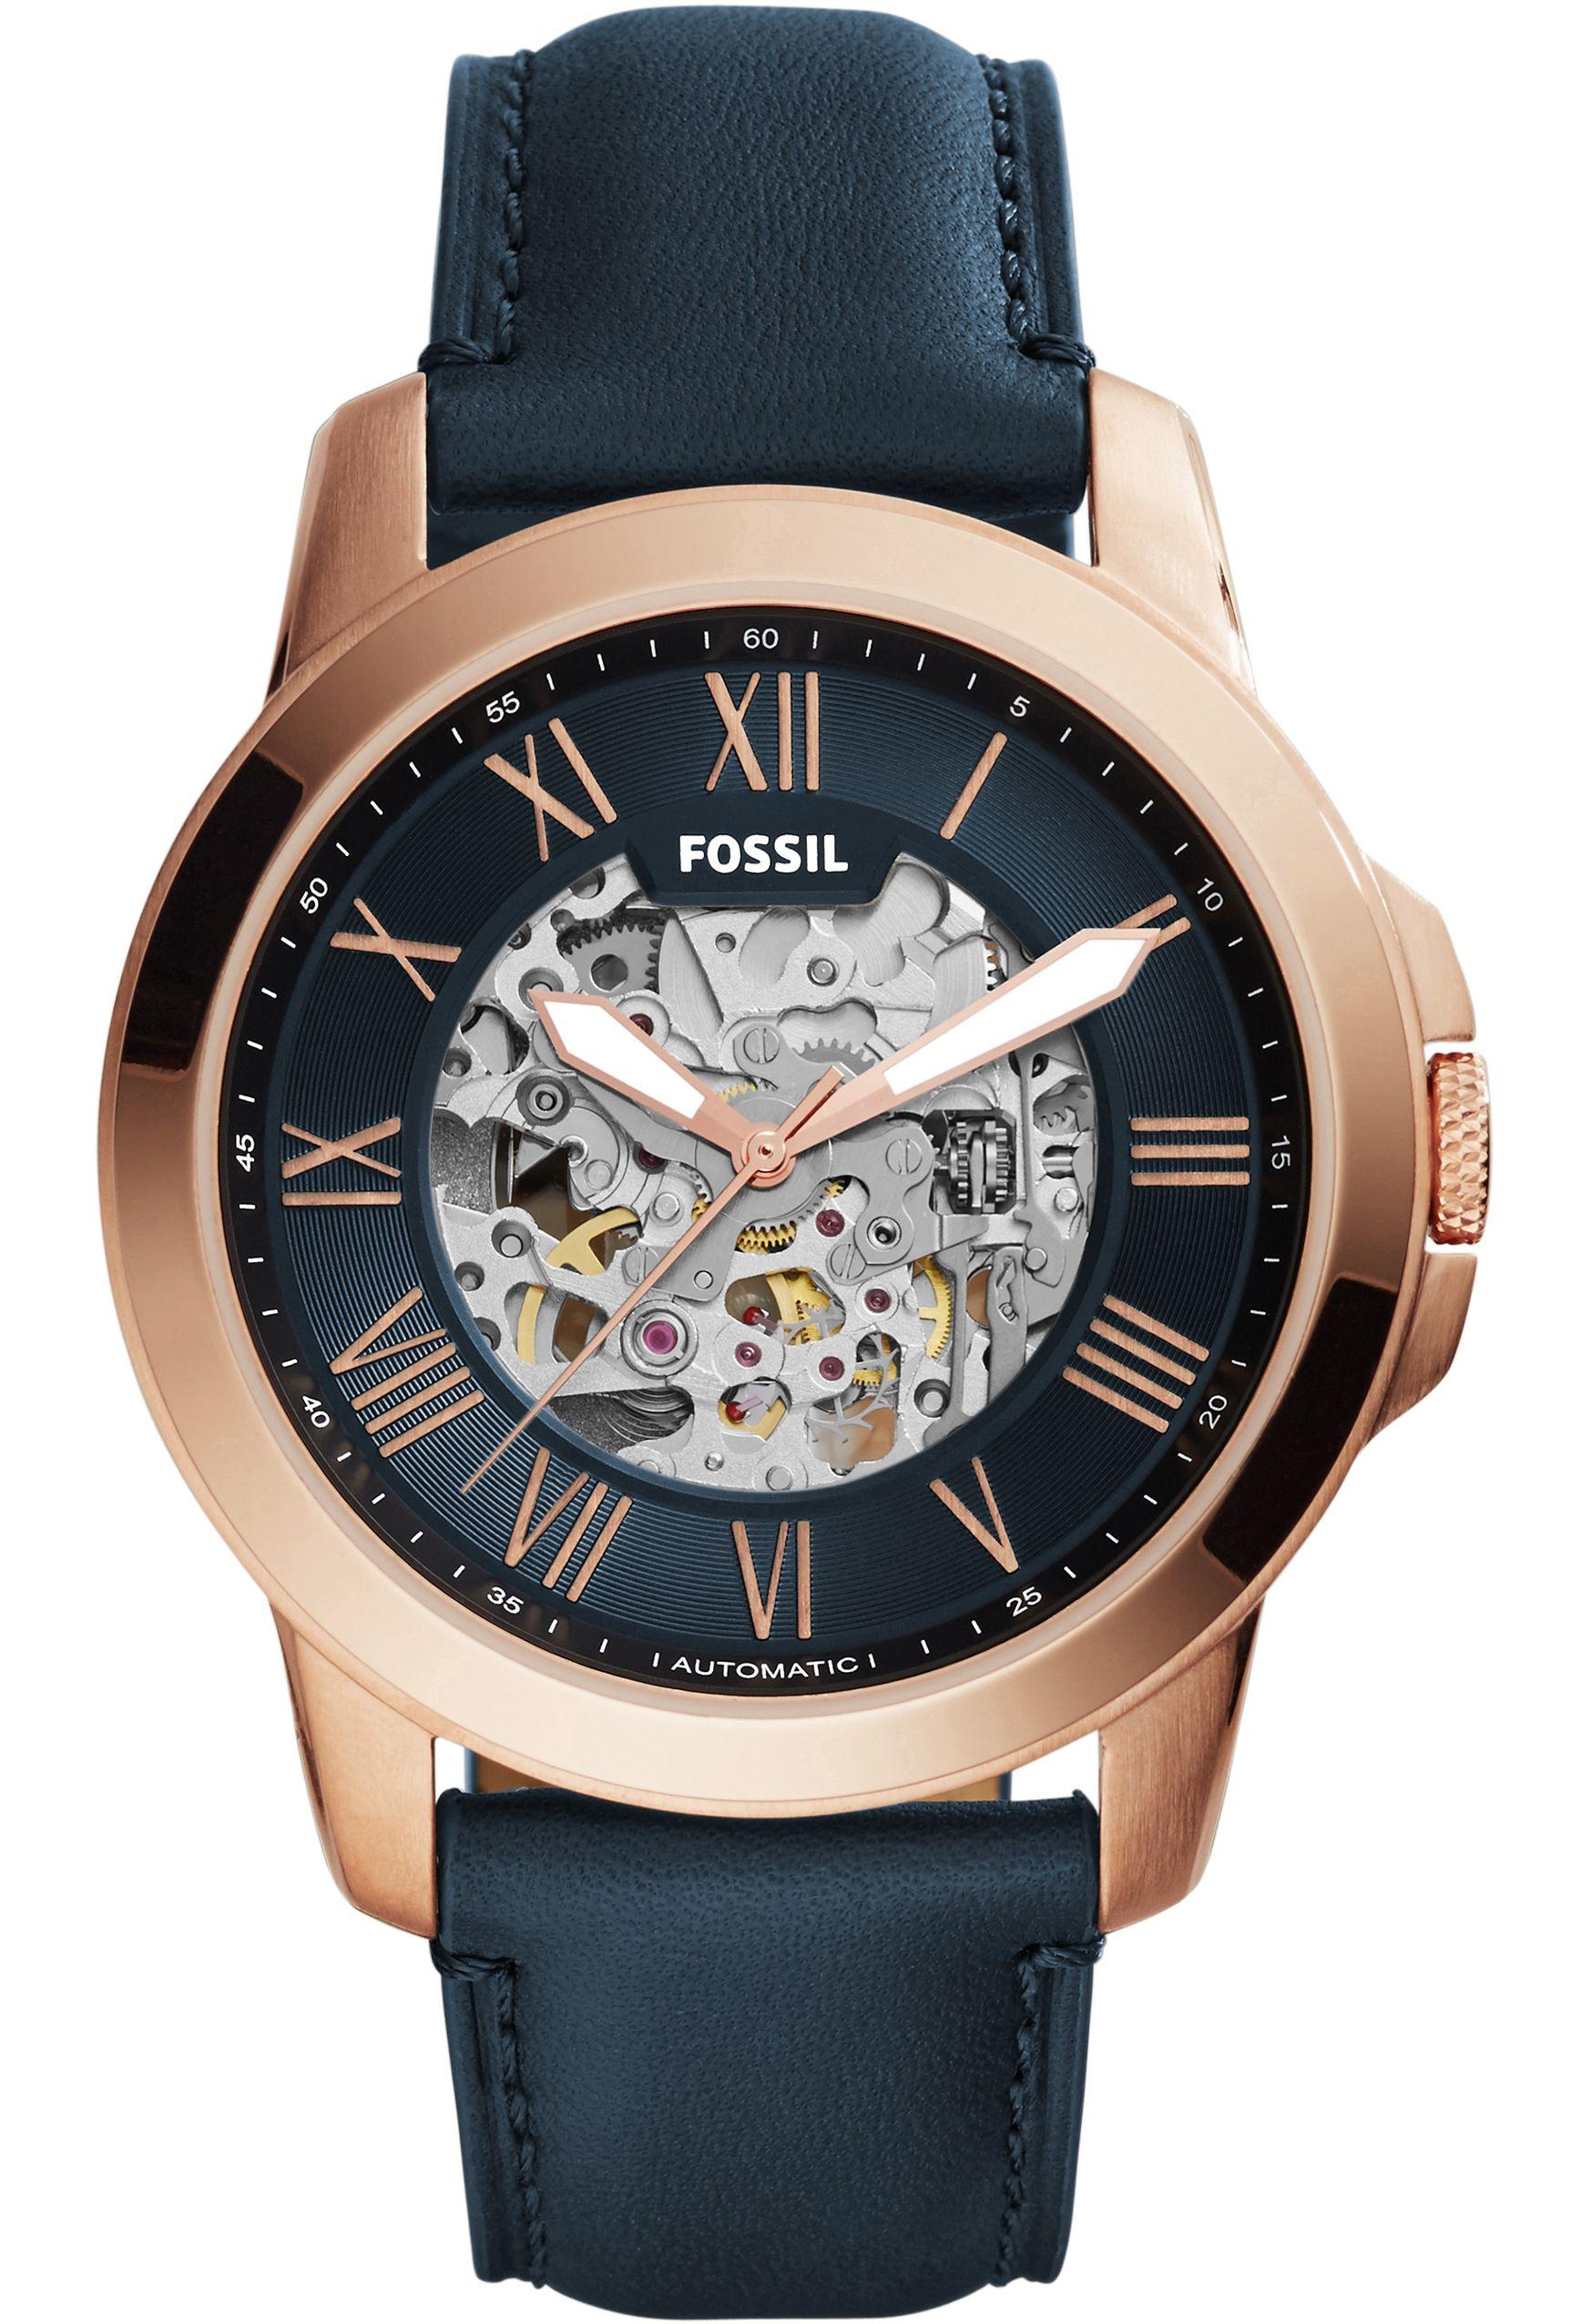 montre fossil automatique